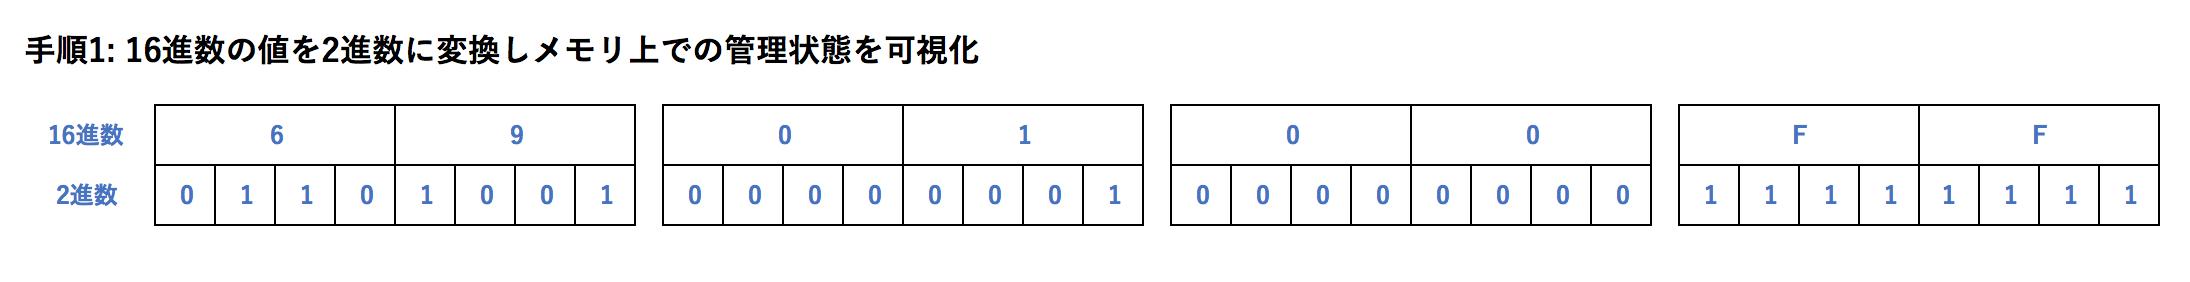 手順1_16進数の値を2進数に変換しメモリ上での管理状態を可視化.png